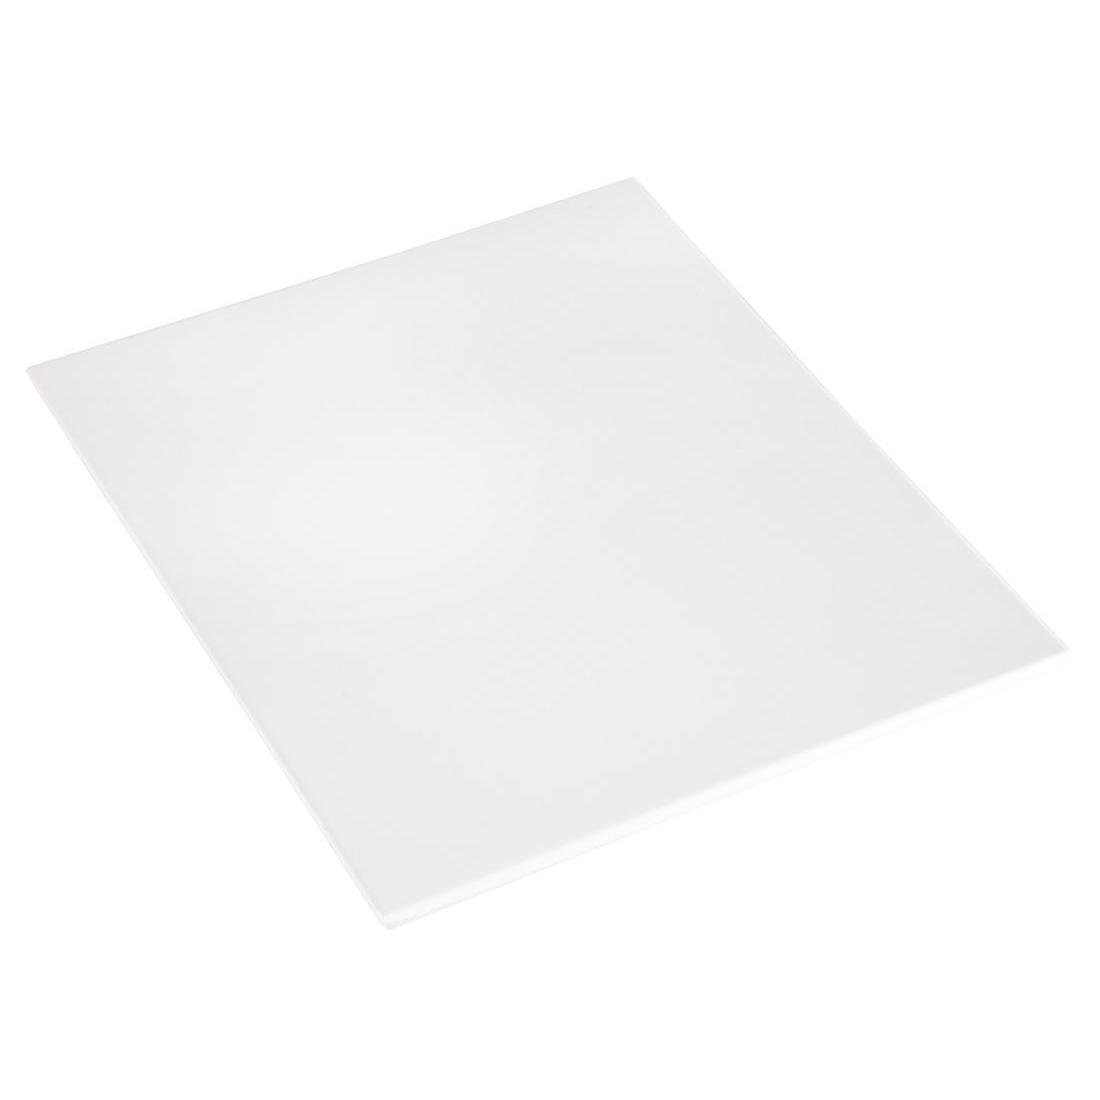 Plateau en mélamine APS Zero blanc GN1/2